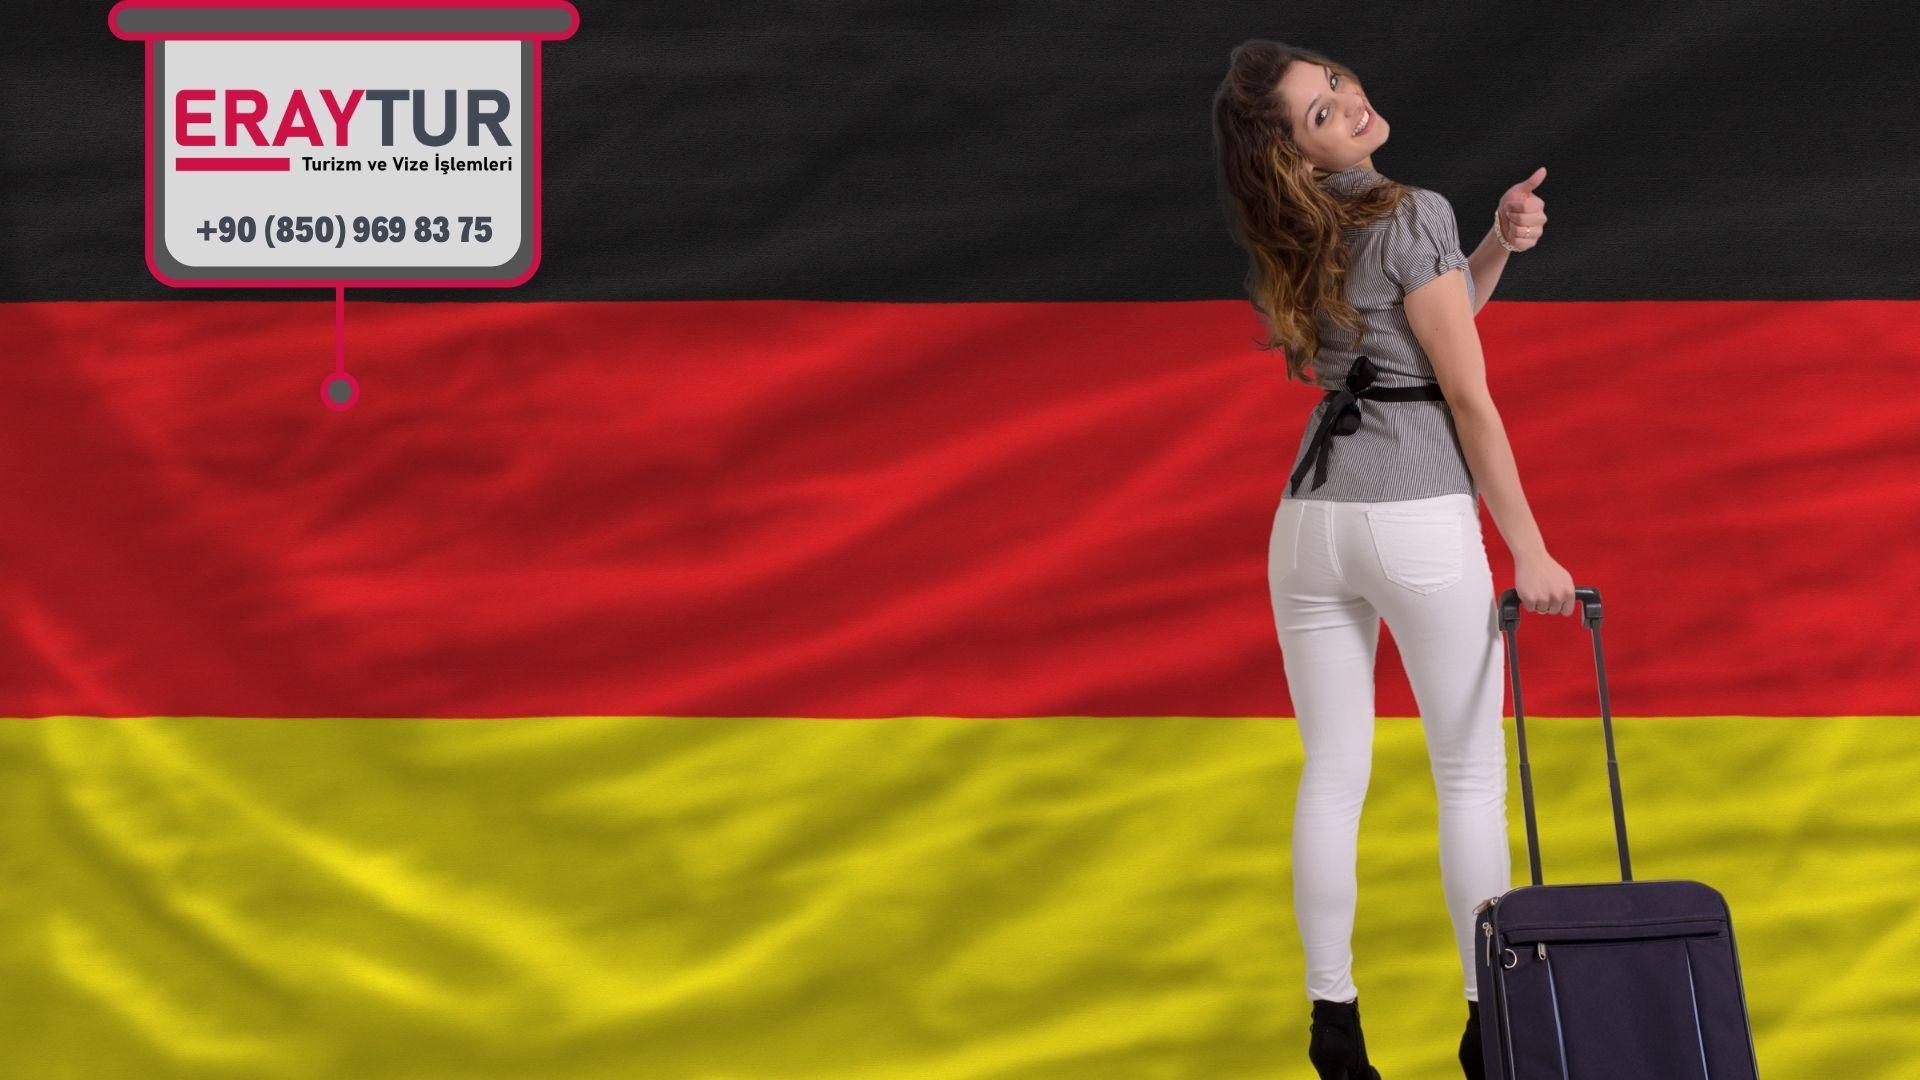 Almanya Turistik Vize Başvurusunda Bulunan İşsizler İçin Gerekli Belgeler